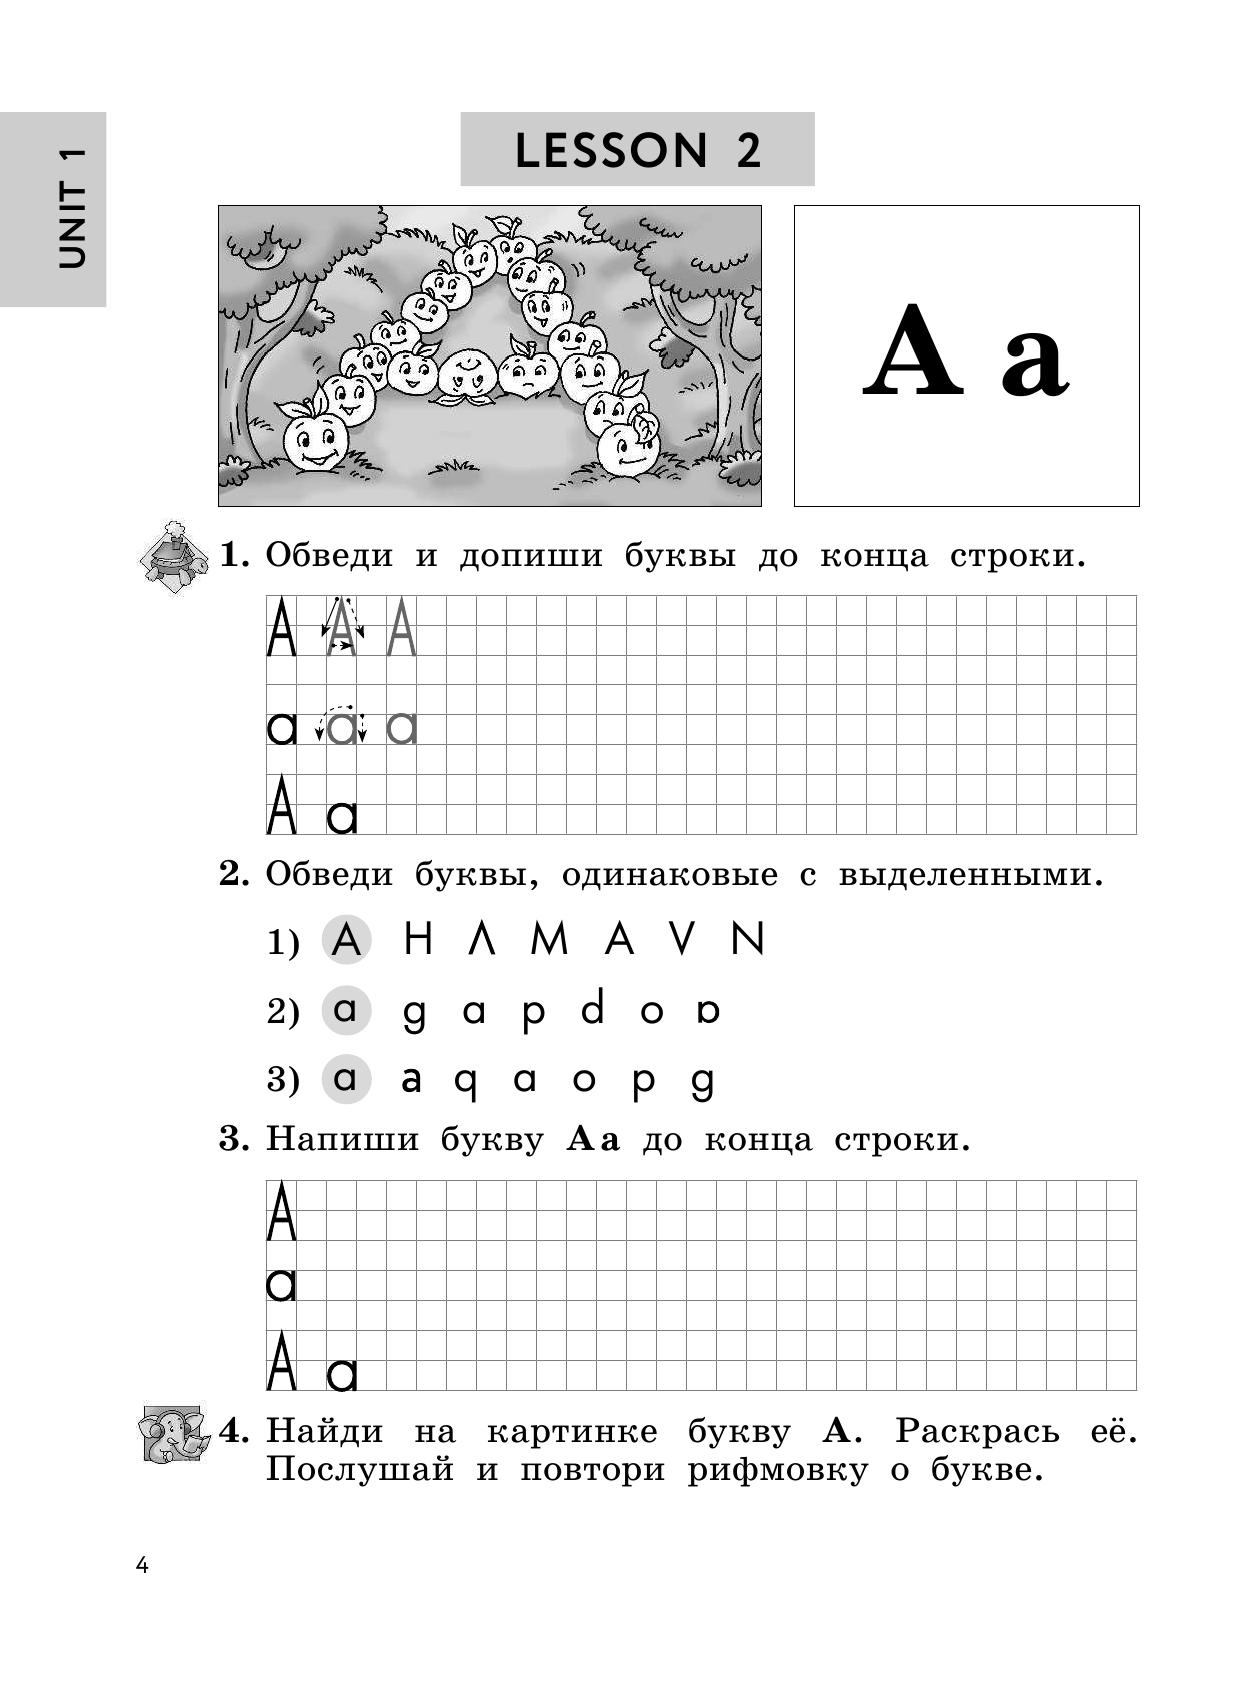 английский 2 класс учебник биболетова денисенко